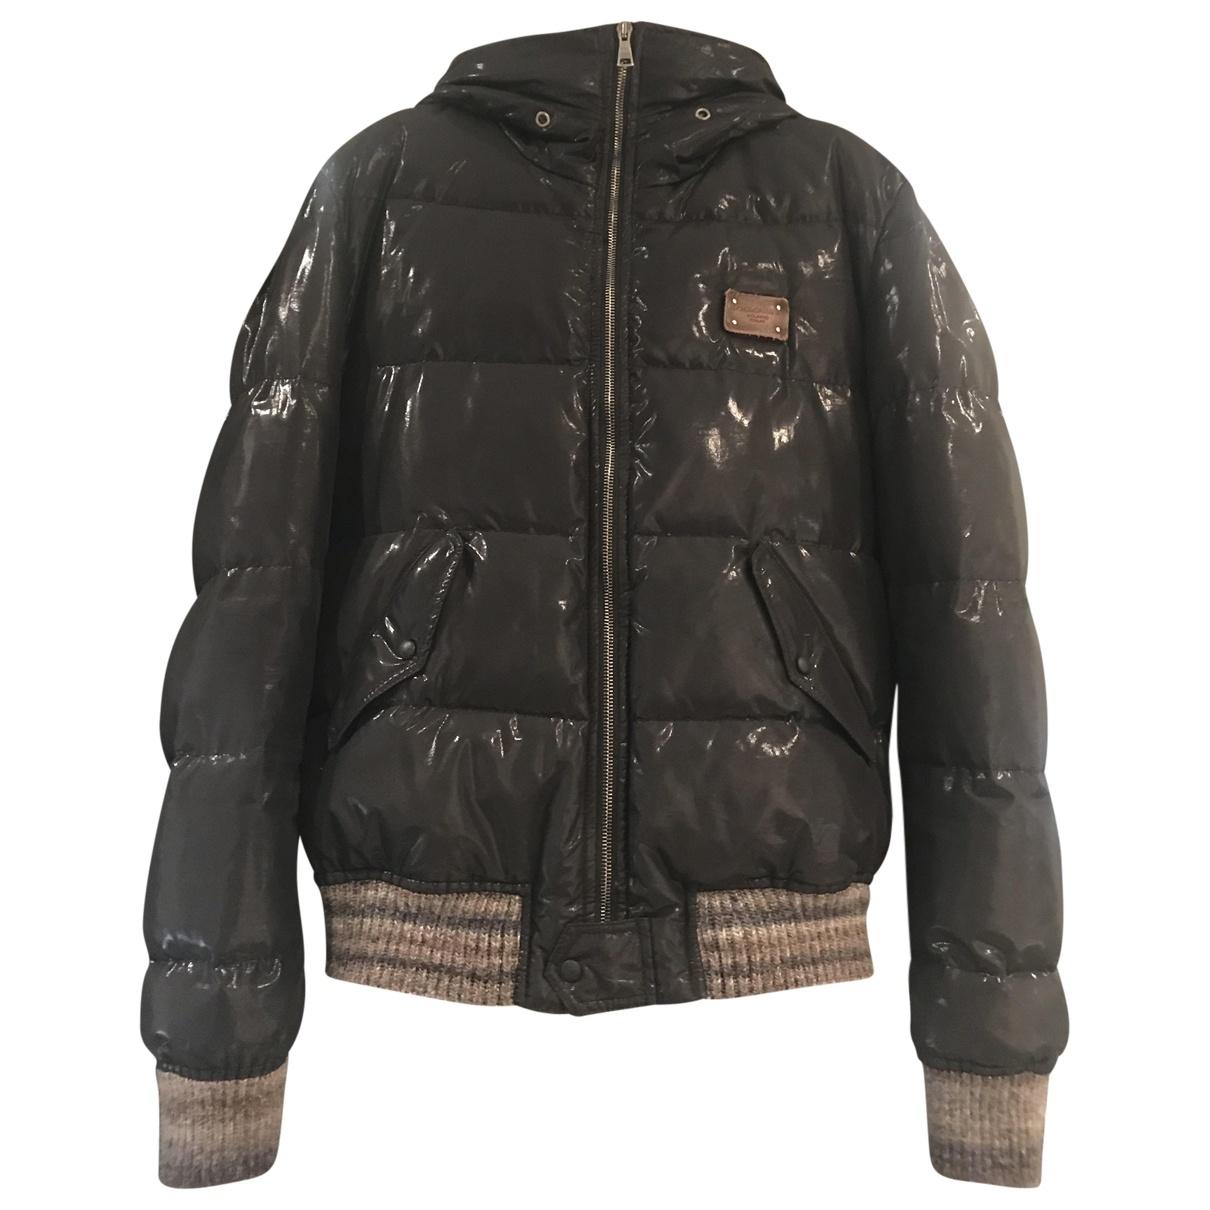 Dolce & Gabbana - Manteau   pour homme - noir